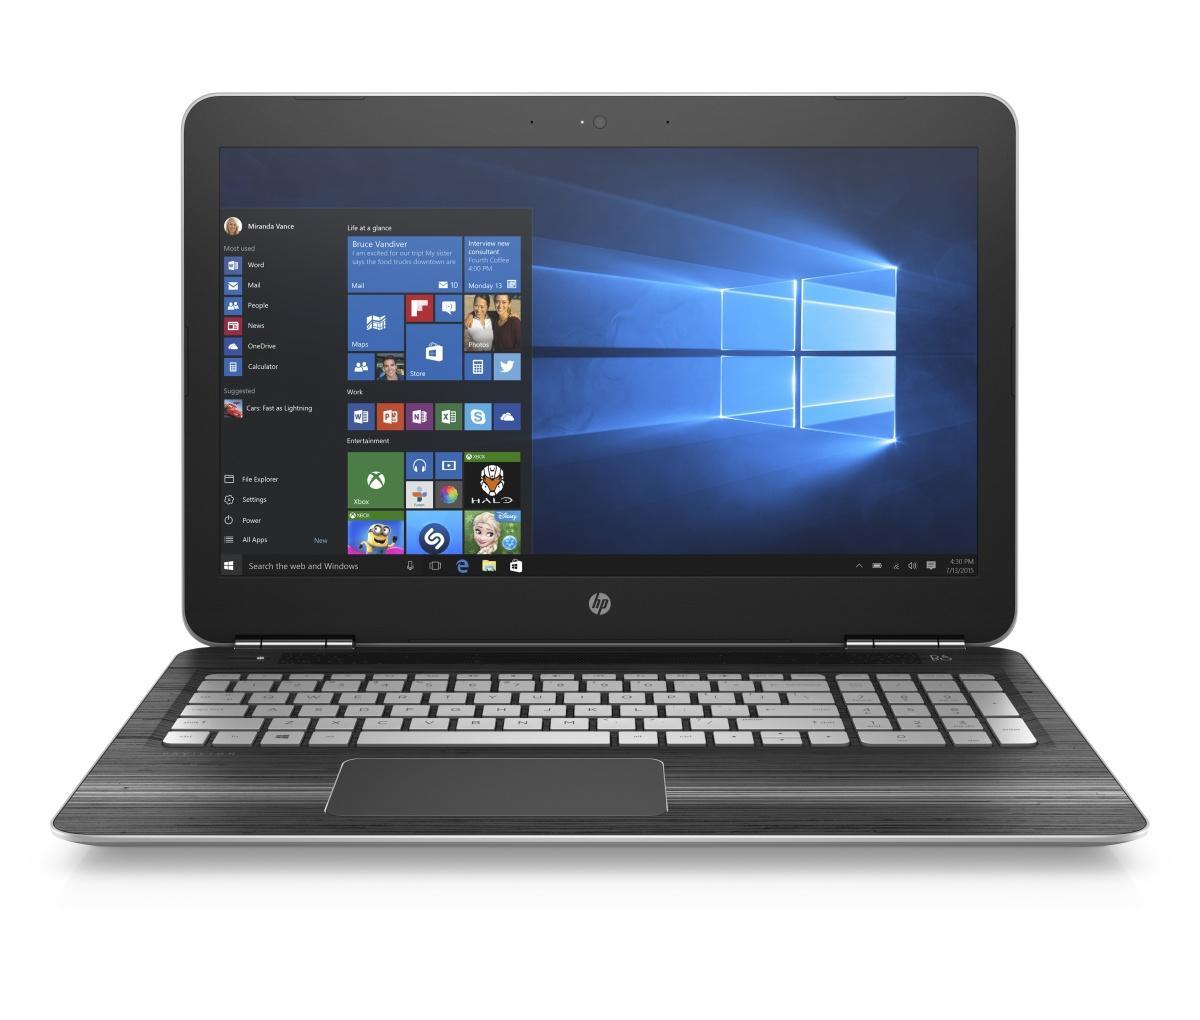 """HP Pavilion gaming 15-bc202nc/Intel i7-7700HQ/16GB/256 GB SSD + 1TB/ GTX 1050 4GB/15,6"""" FHD/Win 10/stříbrná"""